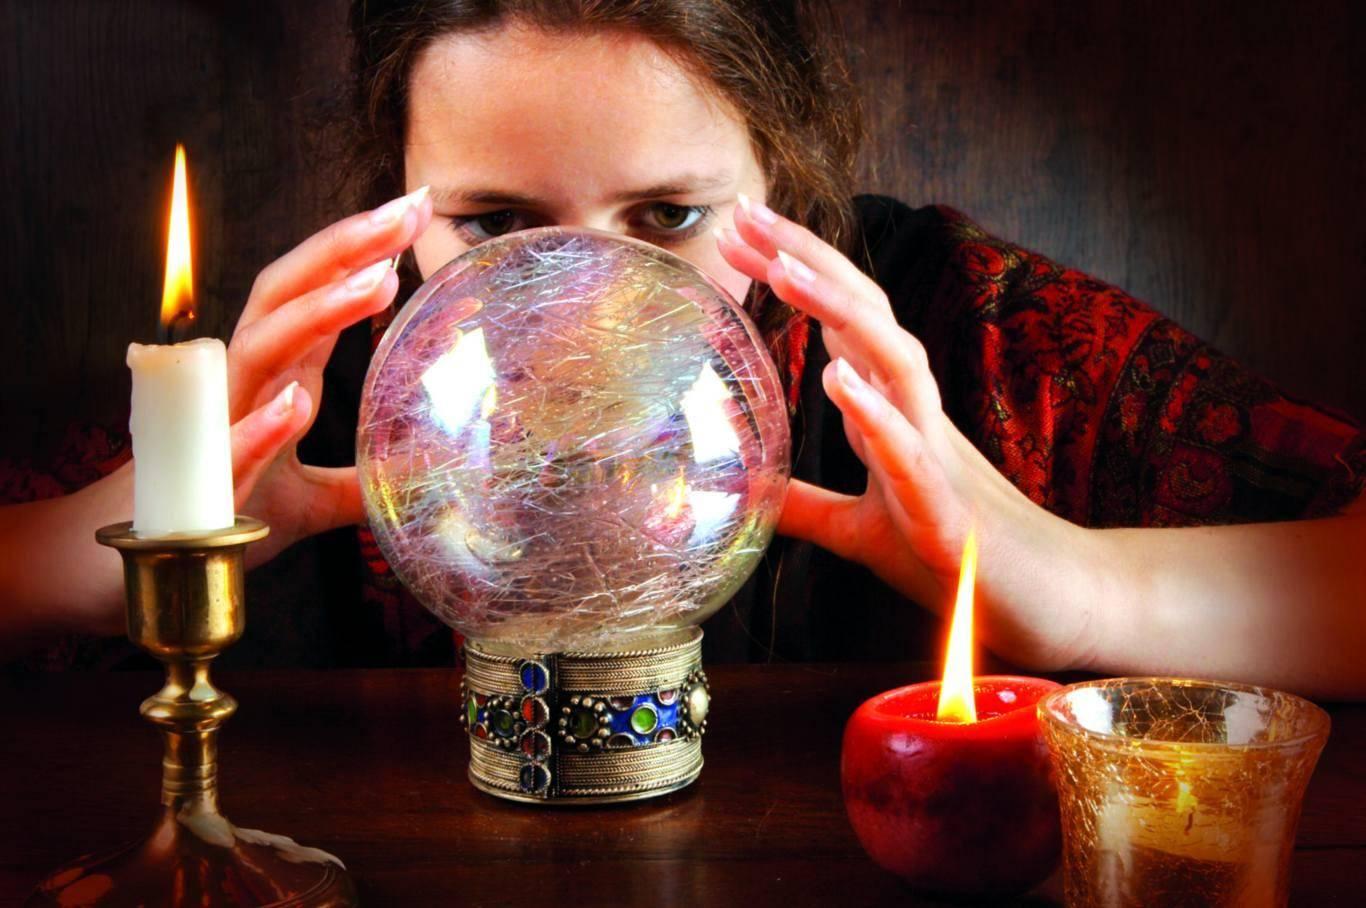 Онлайн гадание на волшебном шаре — точные ответы